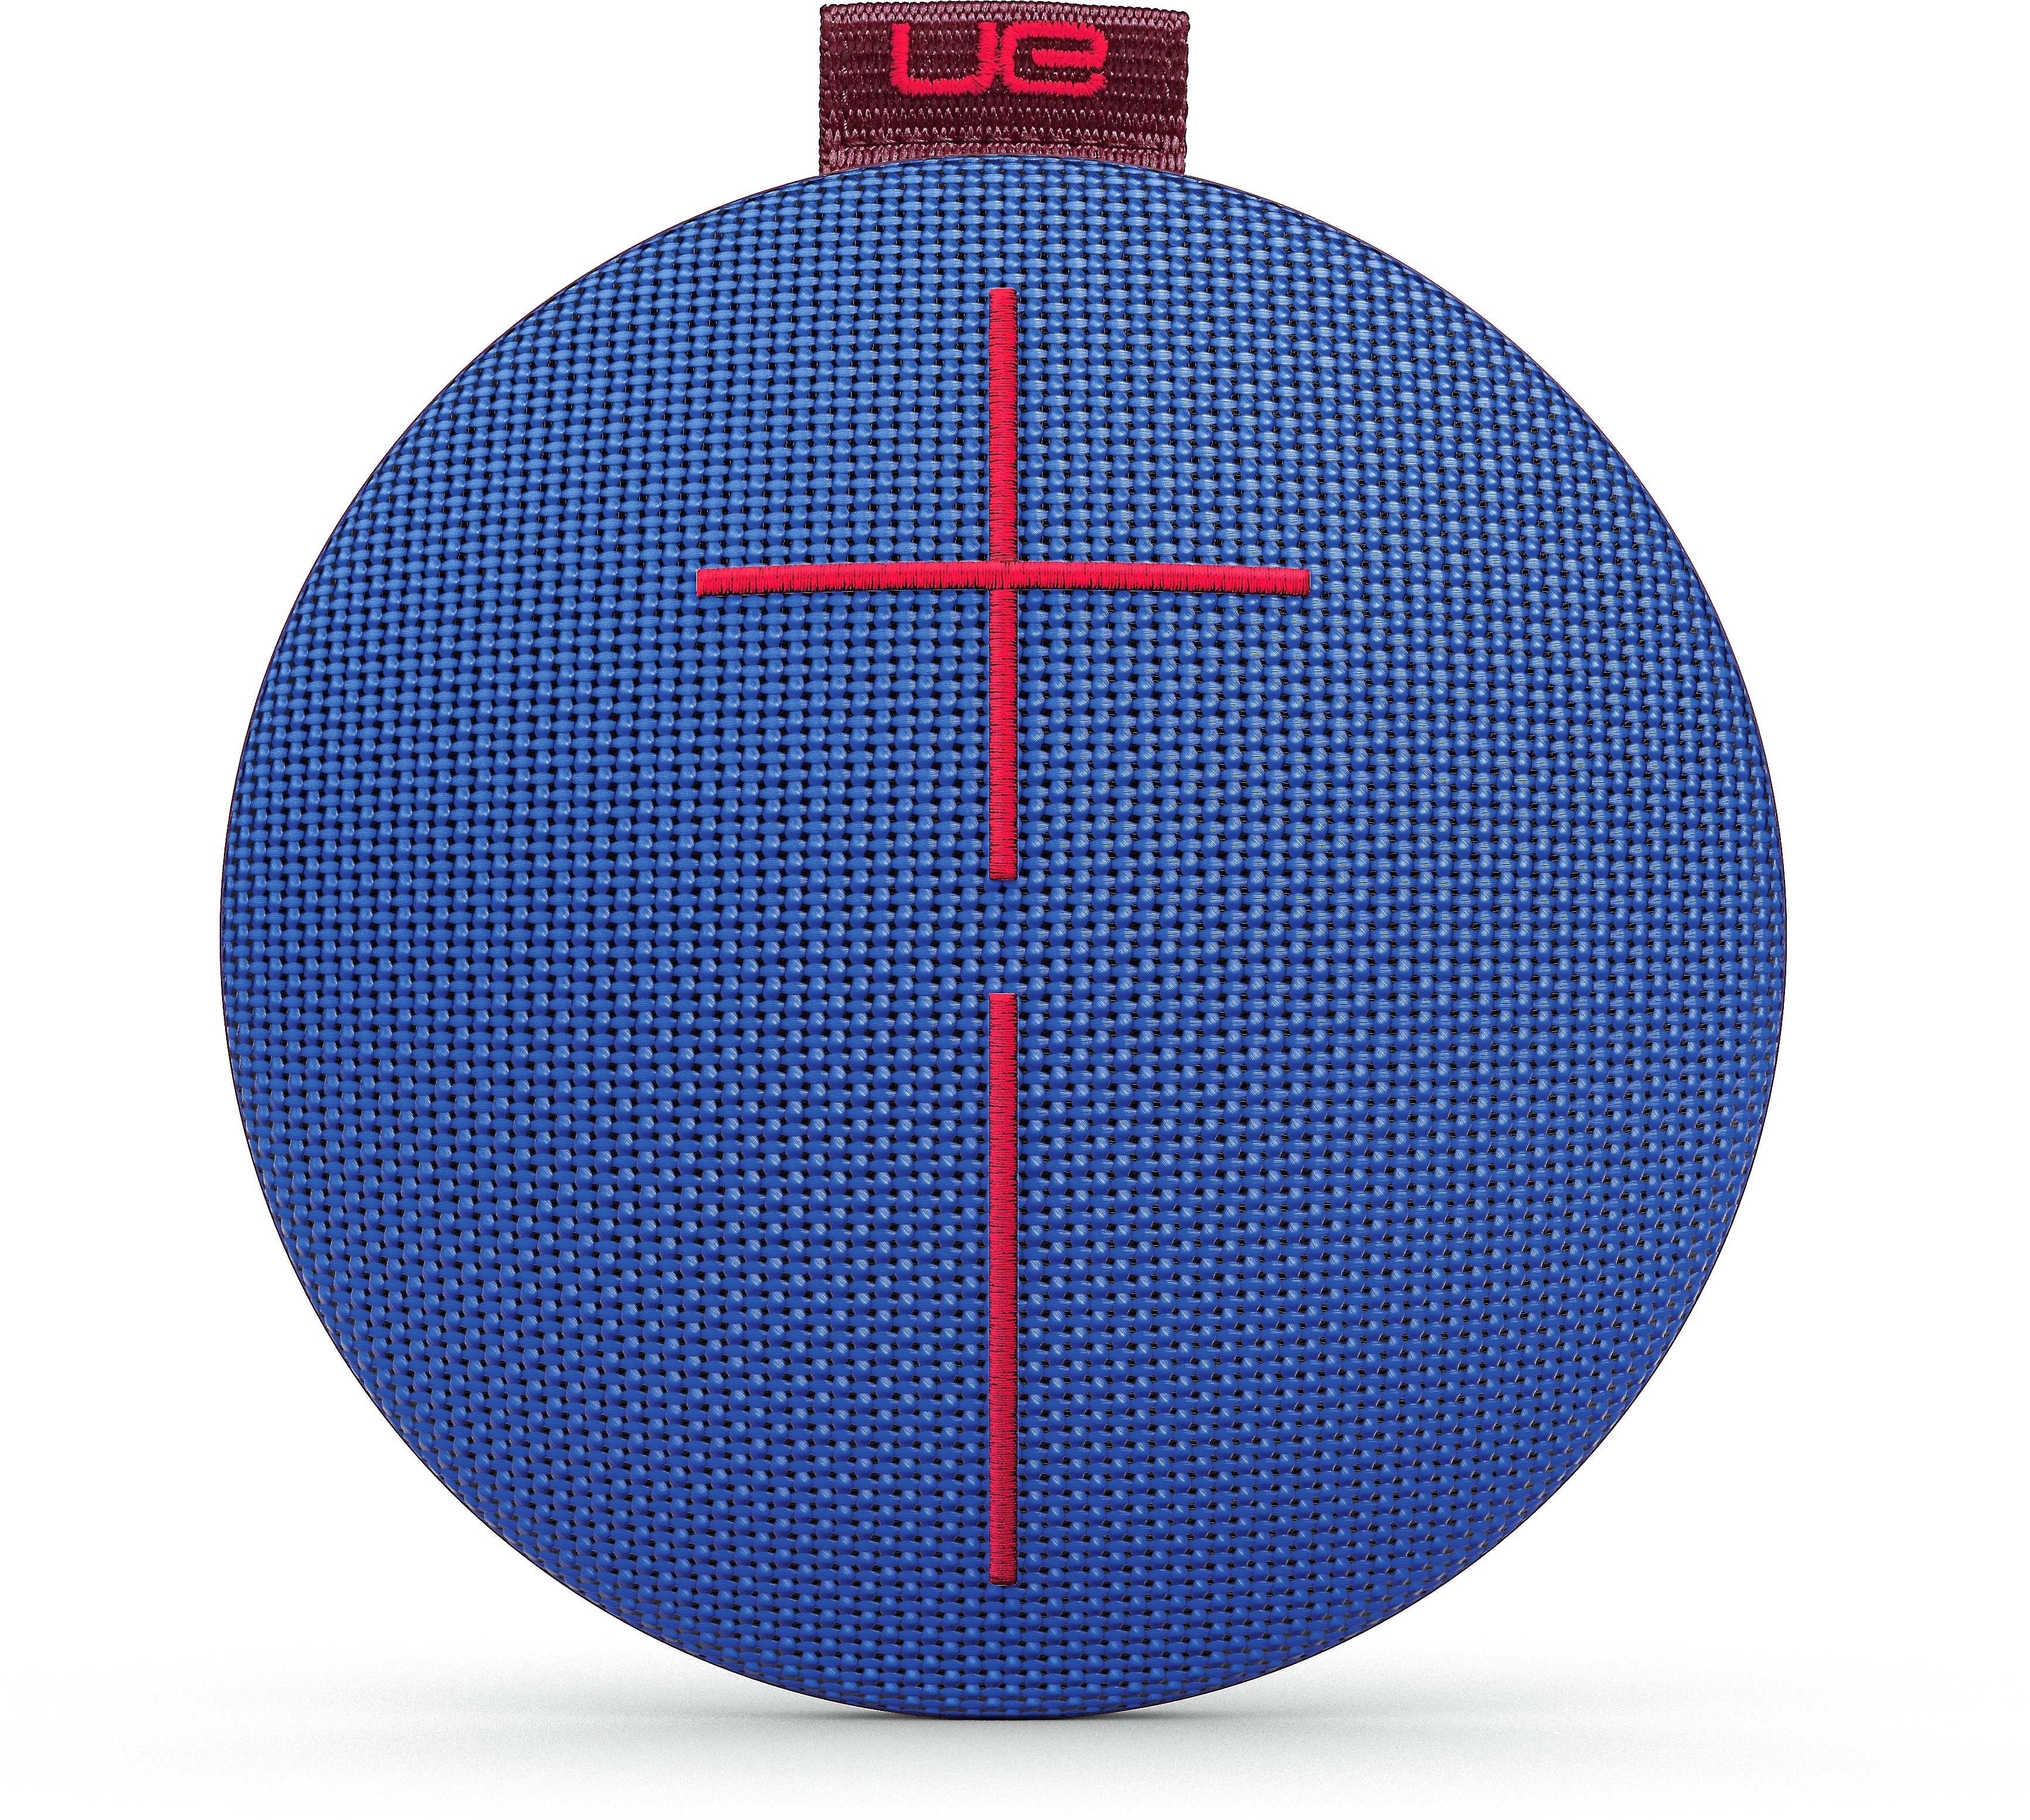 UE ROLL 9 (Atmosphere) Portable waterproof Bluetooth® speaker at Crutchfield